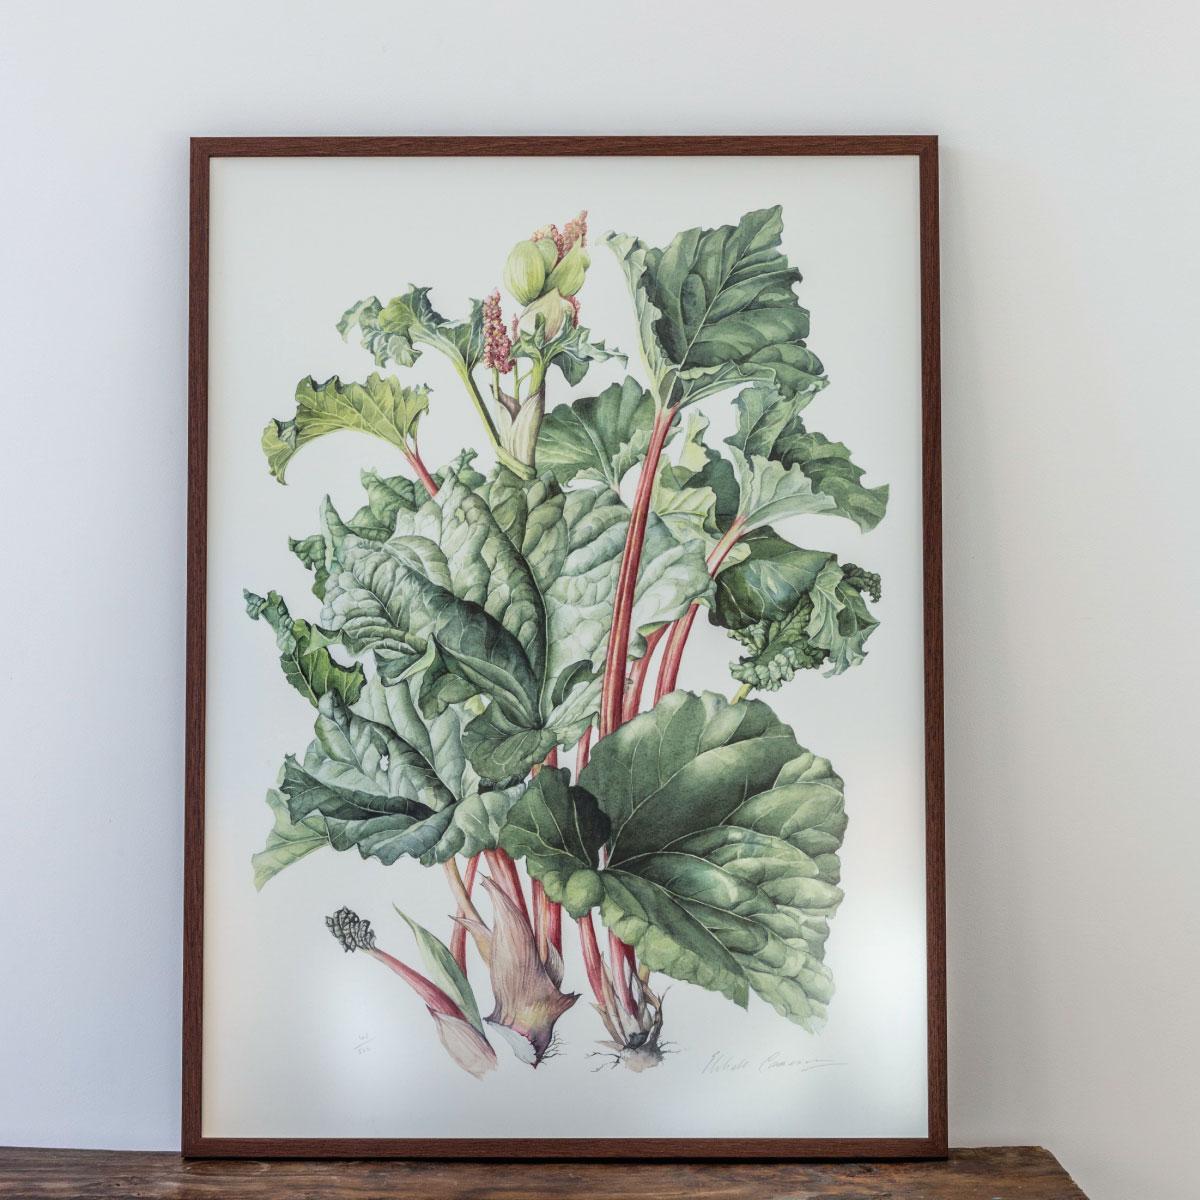 Elizabeth-Cameron-Rhubarb